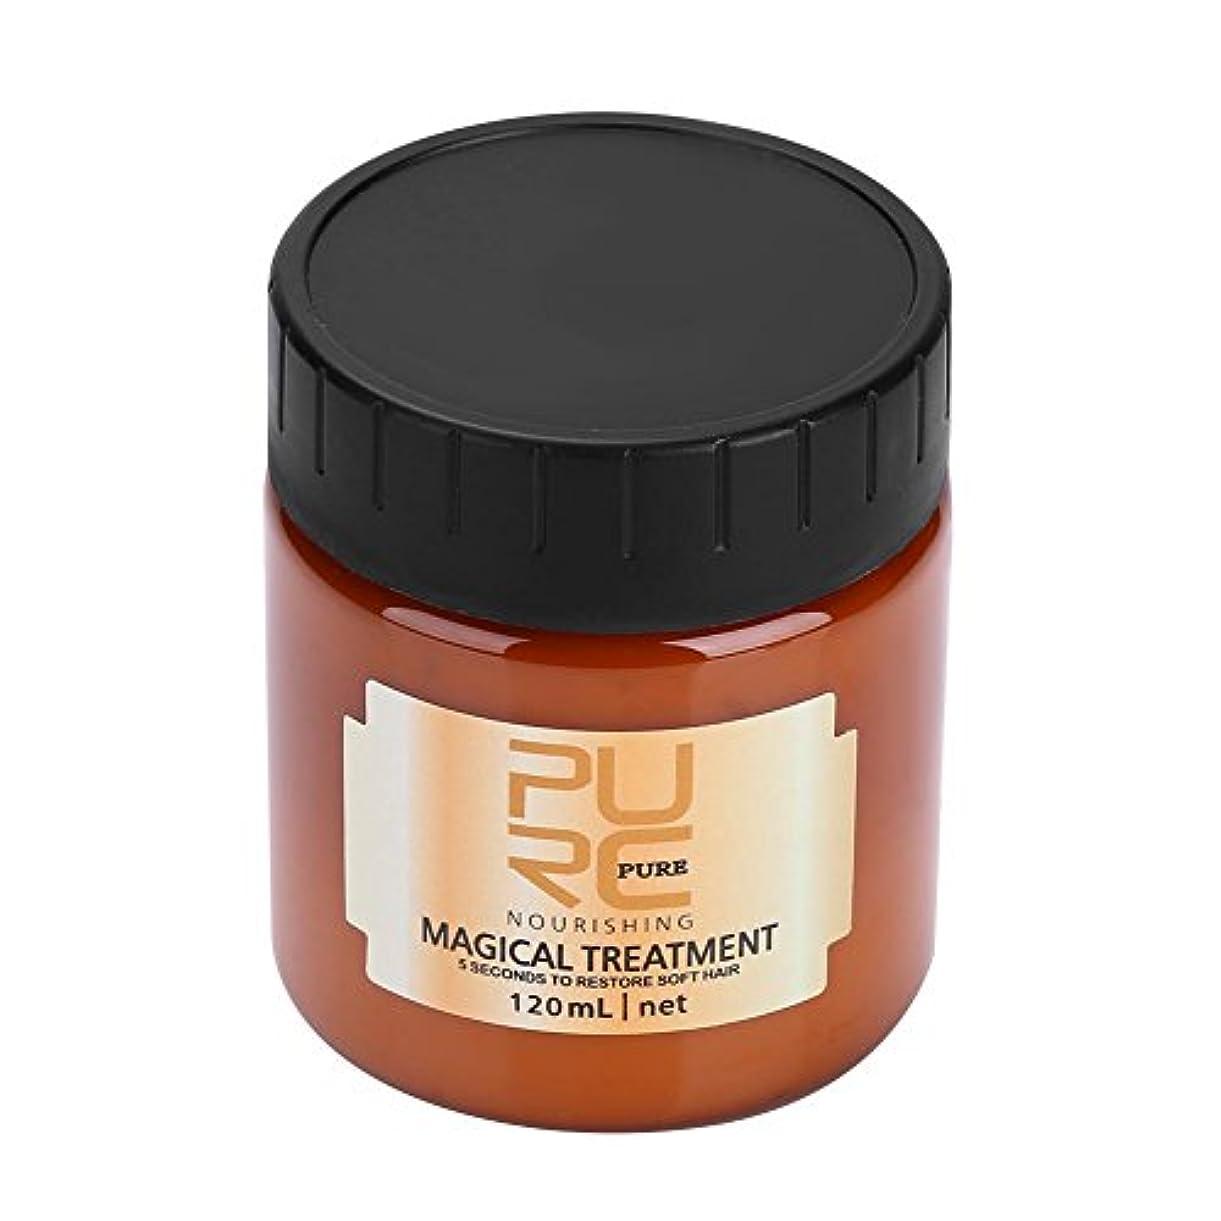 きらめきグロー保証金ヘアリペアマスク、120ml魔法のヘアマスク栄養治療ソフトスムーズリペアダメージプロフェッショナル